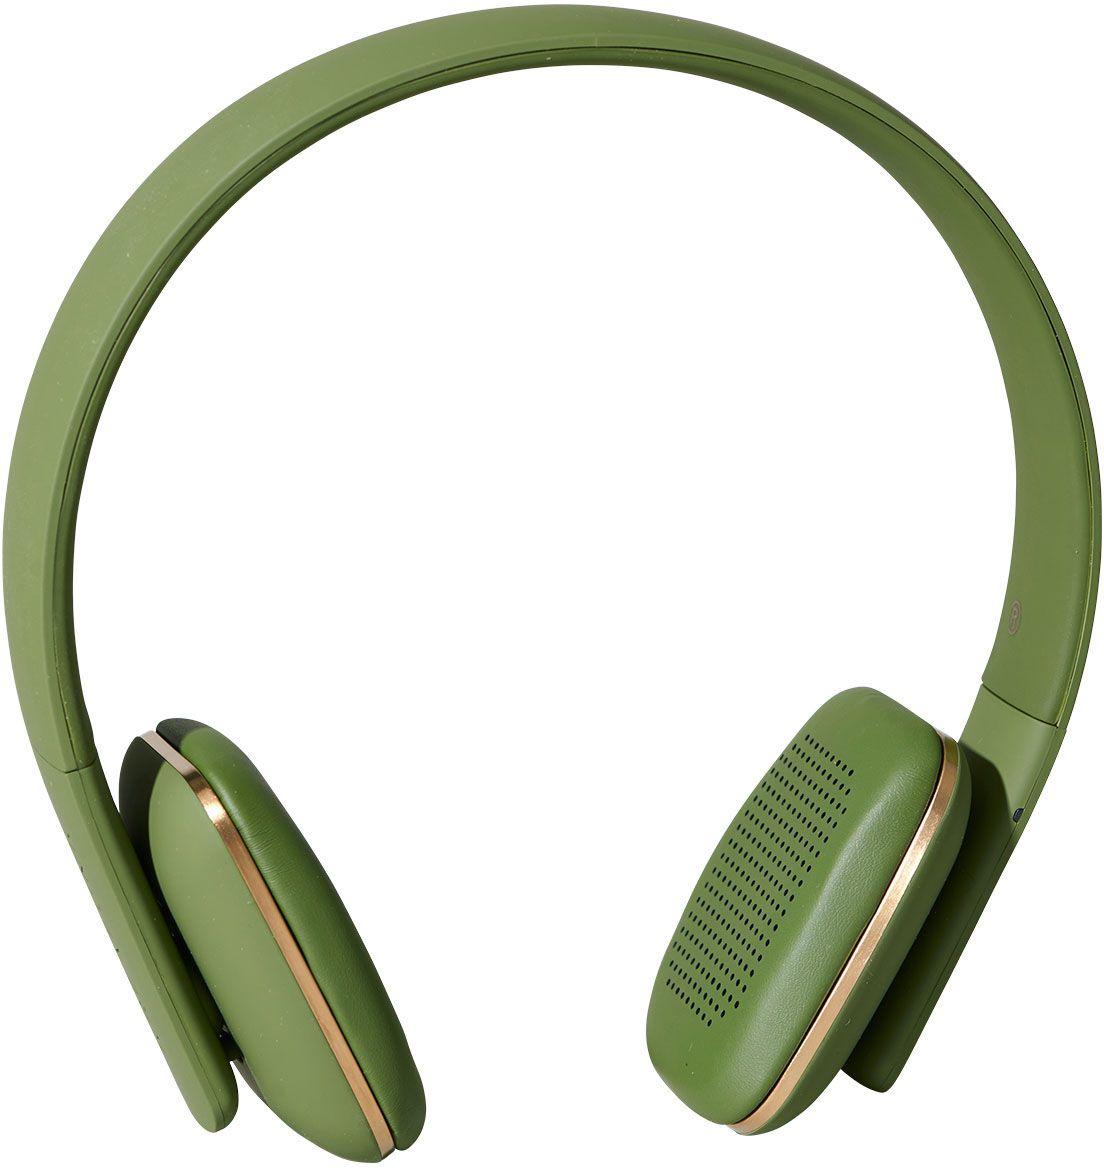 Kreafunk aHEAD, Army наушникиKfss08aHEAD – беспроводные наушники, созданные для настоящих меломанов и модников. Это не только полезный гаджет, но и стильный аксессуар, который дополнит имидж и подчеркнет индивидуальность. Наушники оснащены Bluetooth-гарнитурой и совместимы с любым смартфоном. Панель управления находится на одном из наушников, что позволяет легко регулировать музыку, уровень громкости или даже принимать телефонные звонки. Подушки наушников выполнены из мягкой эко-кожи, а настраиваемый ободок имеет приятное покрытие soft touch. Великолепное качество звука, простота эксплуатации и лаконичный дизайн – этим гаджетом захочется пользоваться изо дня в день. В комплекте фирменный мешочек из PU кожи. Поставляются в стильной деревянной упаковке, поэтому могут стать отличным подарком меломанам и всем поклонникам скандинавского дизайна. Также коробку украшают слова Фридриха Ницше: «Без музыки жизнь была бы ошибкой». Технические характеристики: Аккумулятор (Li-ion) 195 мАч До 14 часов беспрерывной...